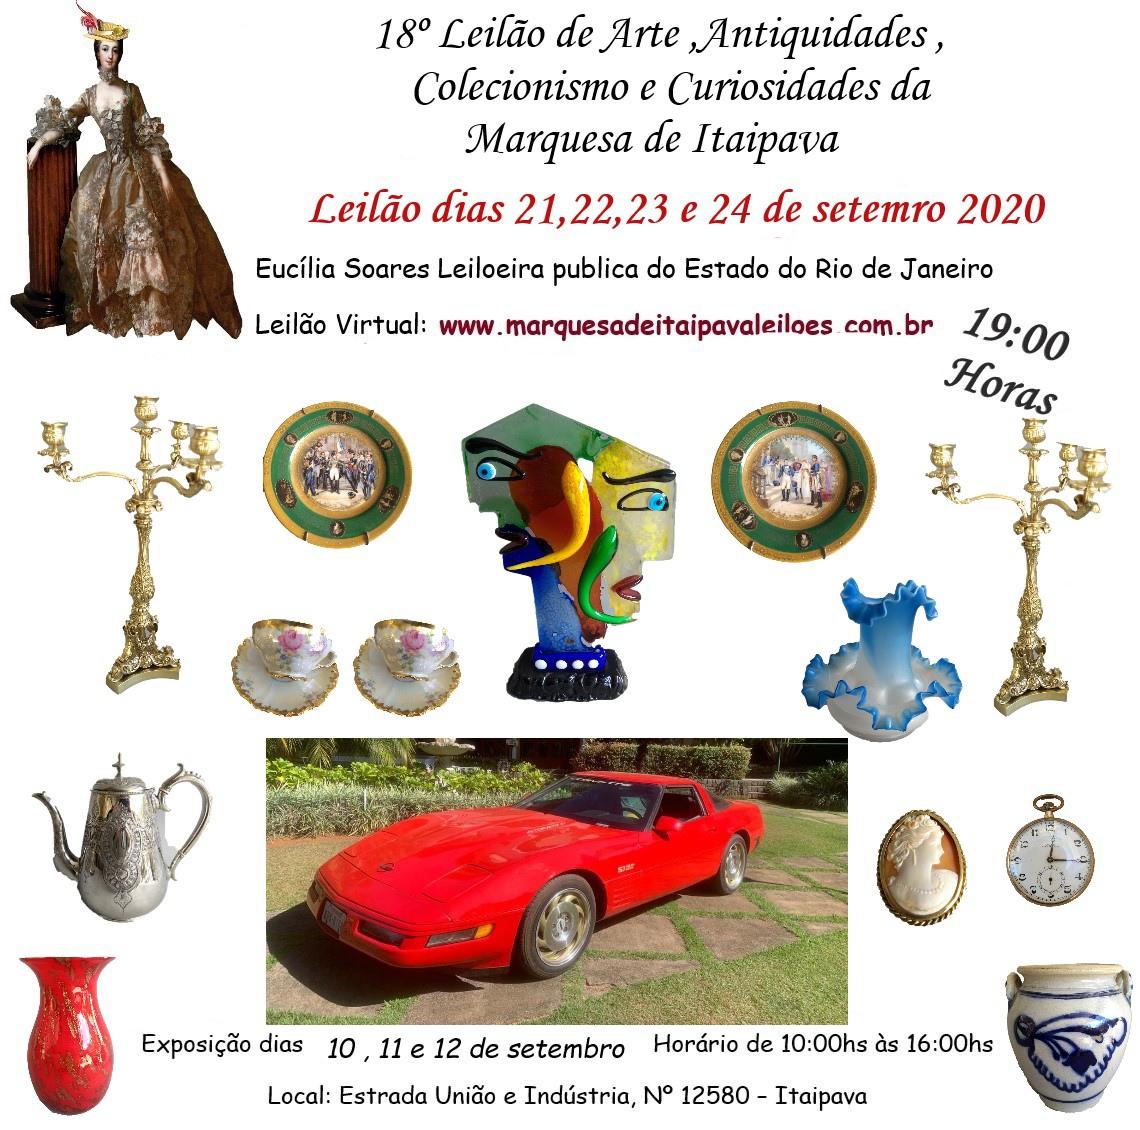 18º LEILÃO DE ARTE E ANTIGUIDADES,COLECIONISMO E CURIOSIDADES  DA MARQUESA DE ITAIPAVA